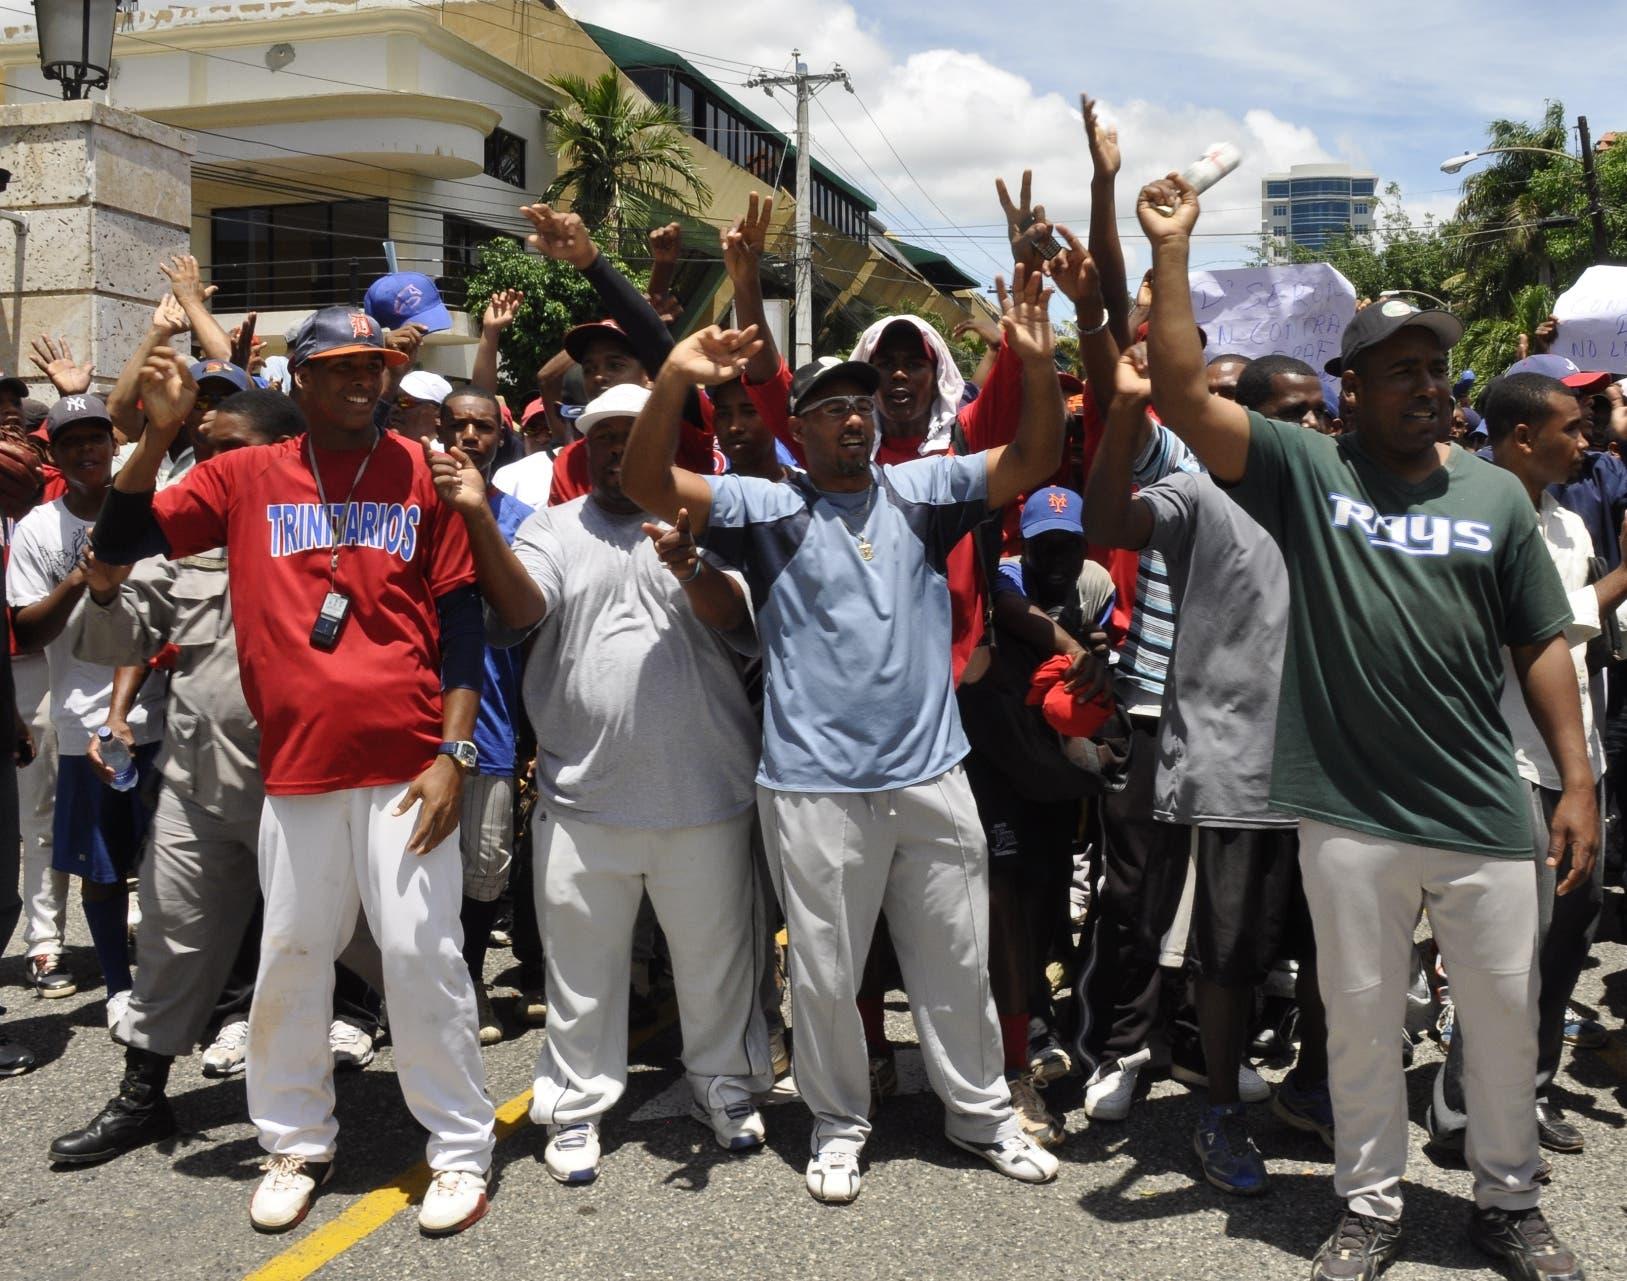 Los entrenadores independientes se unieron en una  protestar para que MLB no  impusiera el draft.  archivo